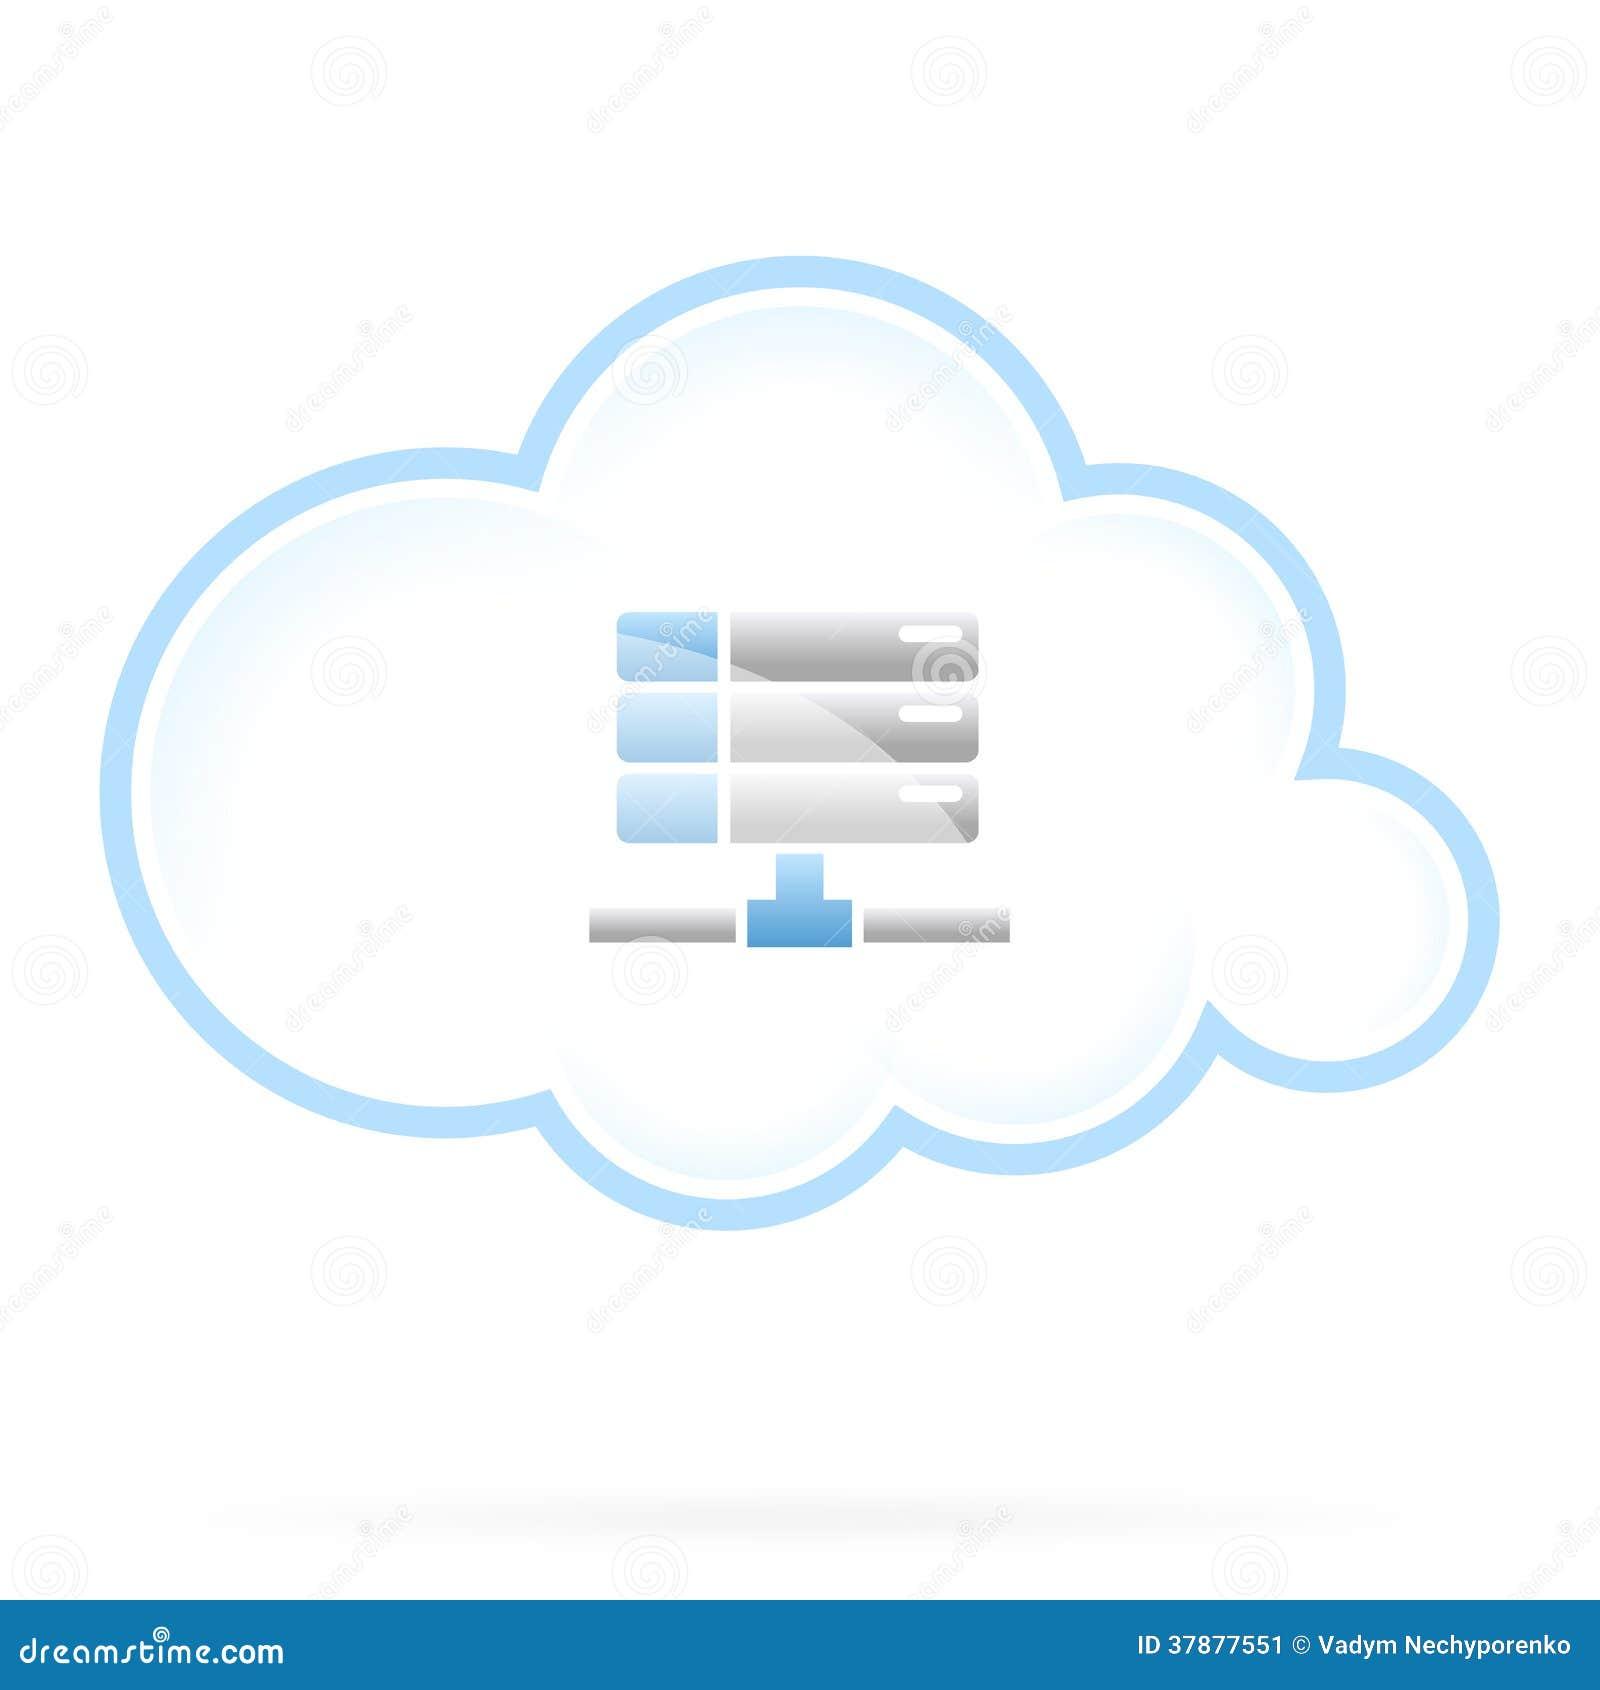 Ícone do armazenamento da nuvem